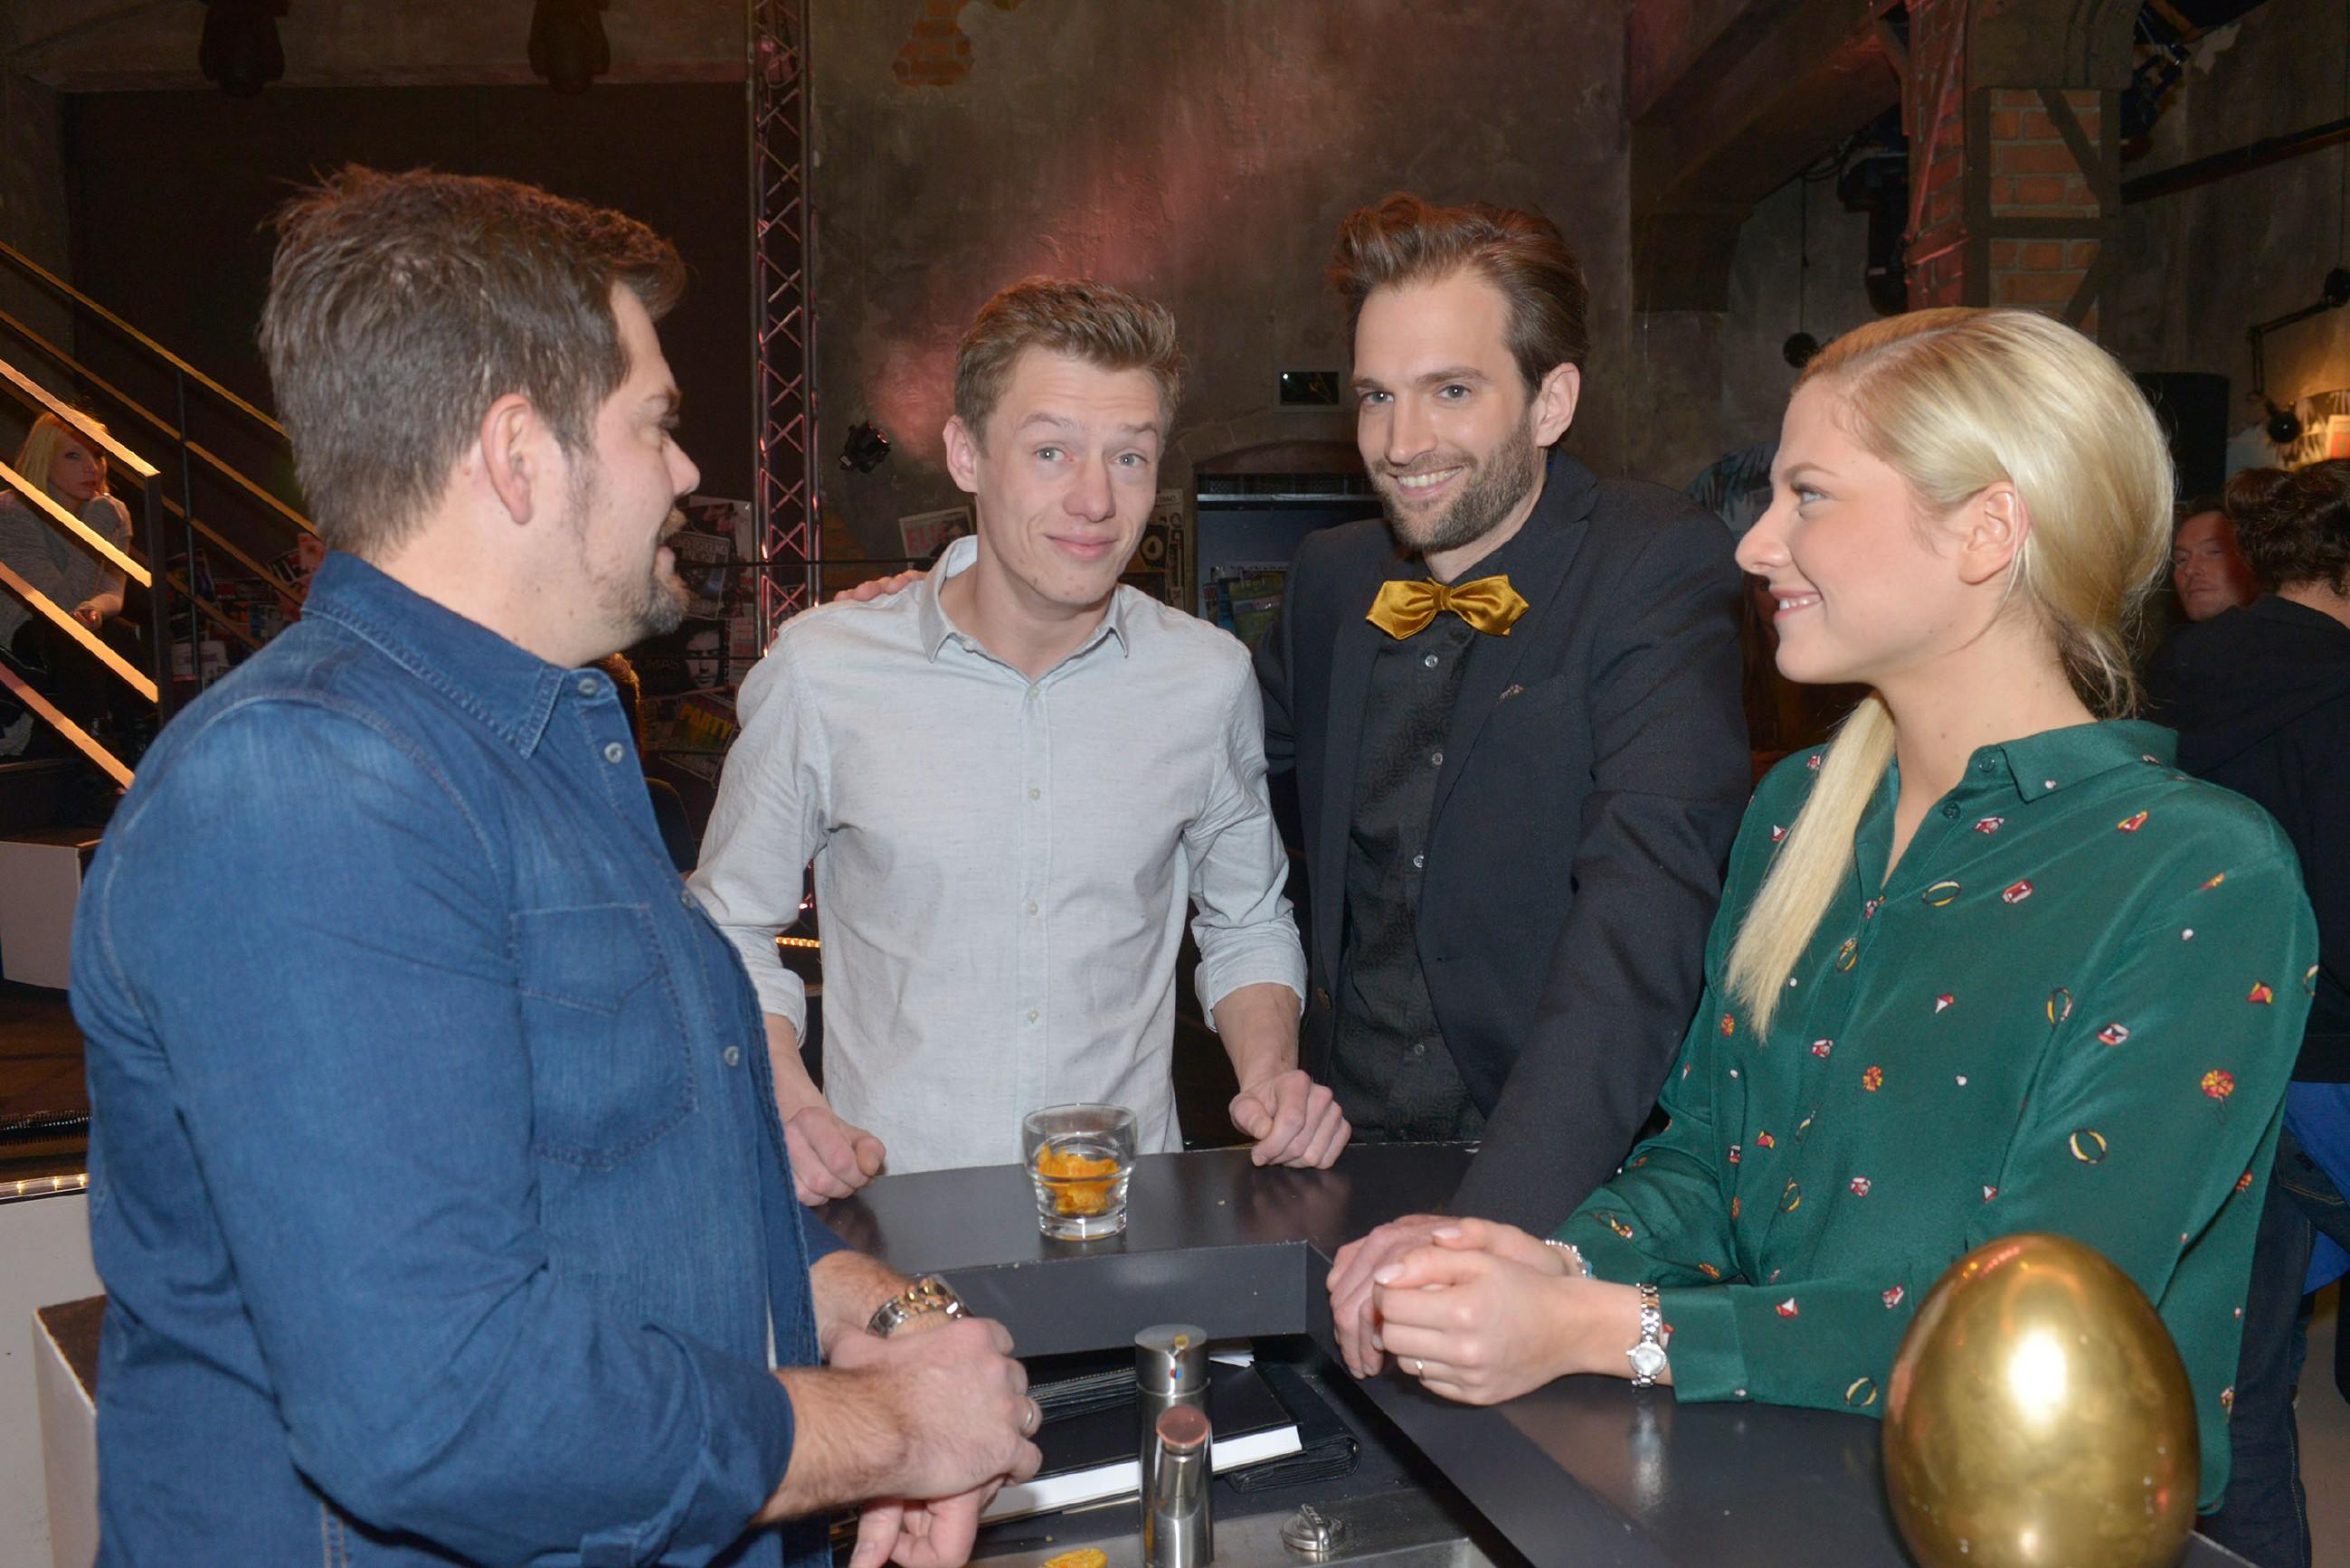 Leon (Daniel Fehlow, l.) und Sunny (Valentina Pahde) freuen sich mit Vince (Vincent Krüger), als Julius Wenzel (Benjamin Bieber) ihm eine Zusammenarbeit anbietet.